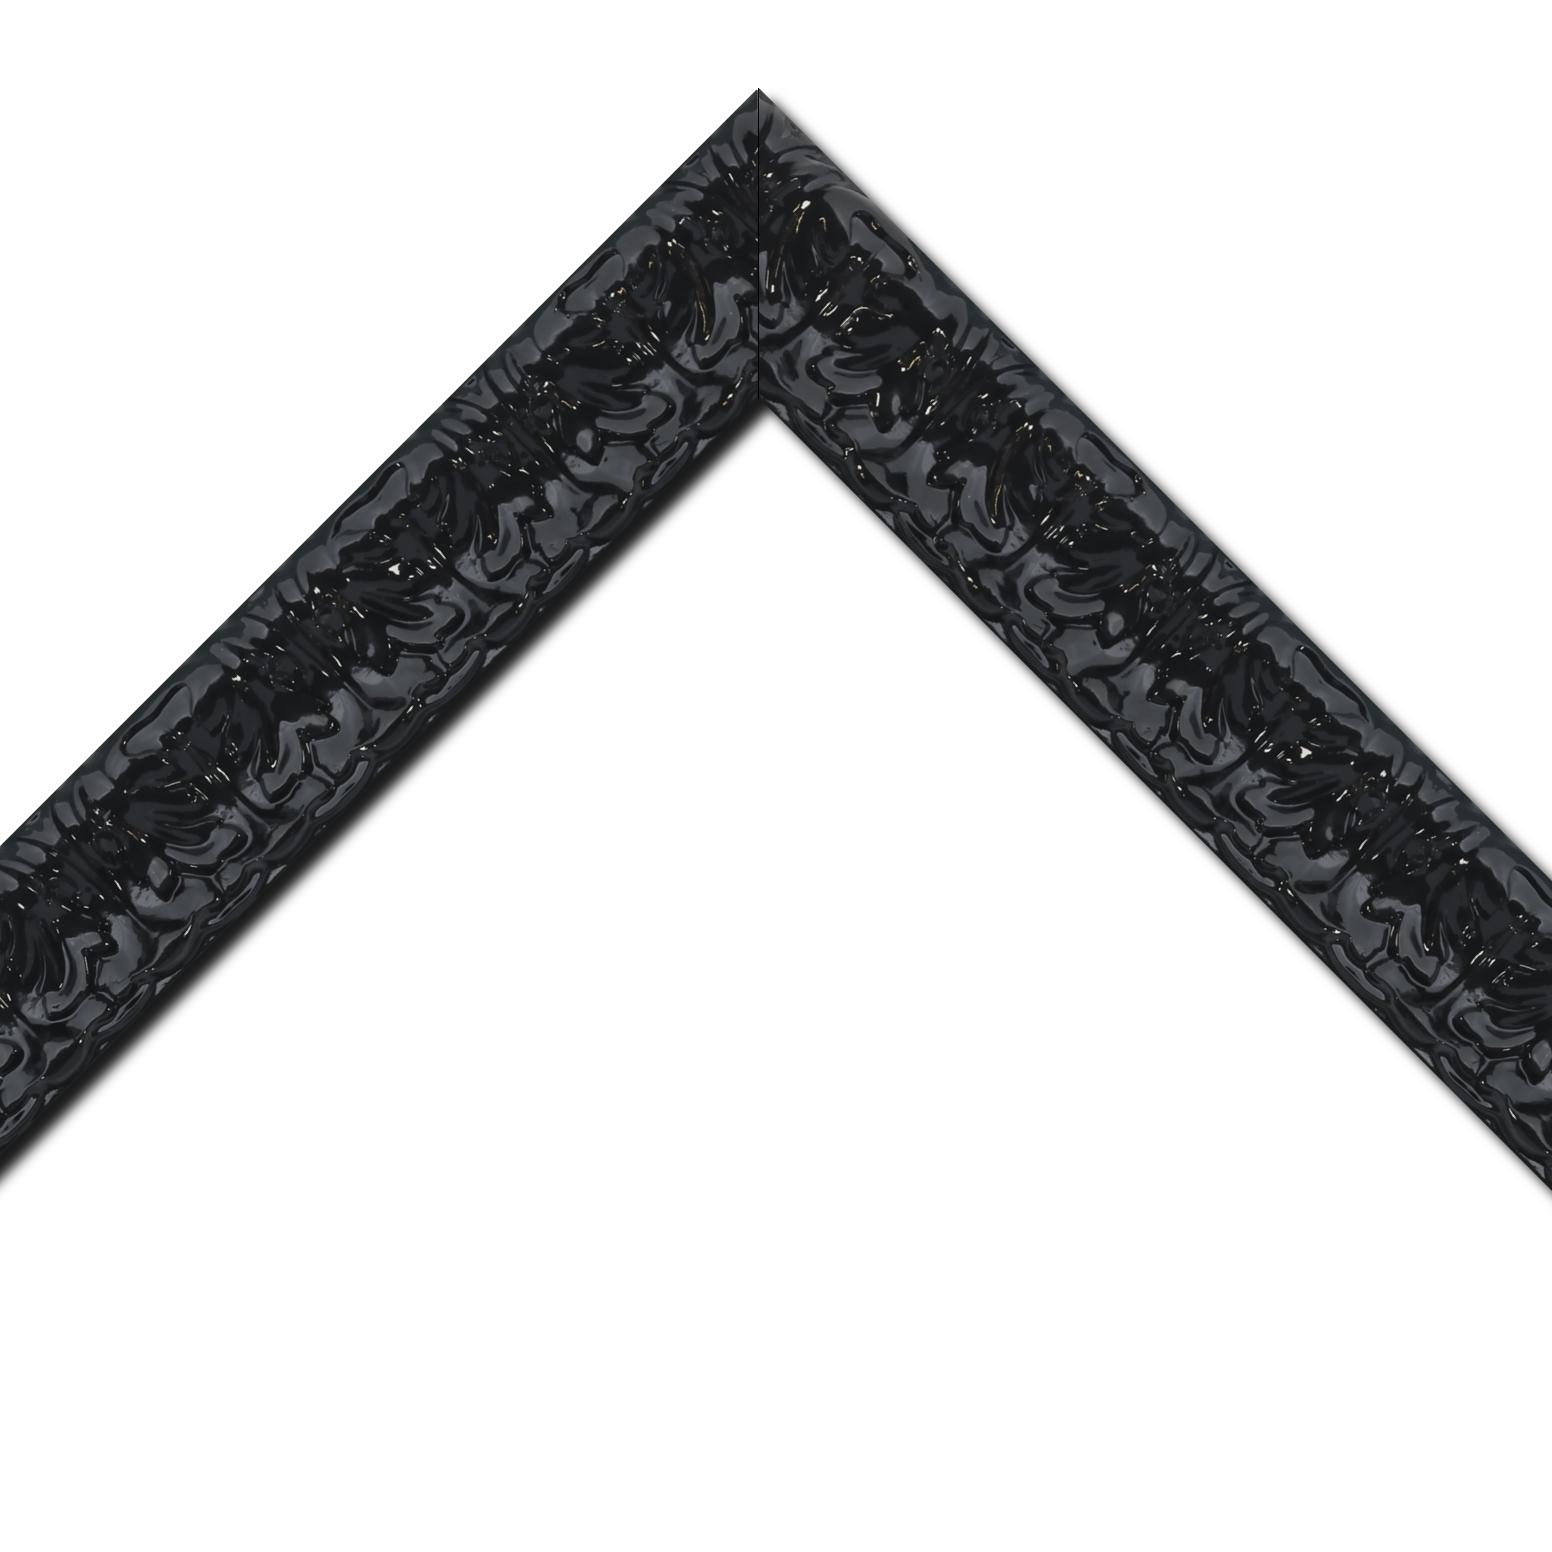 Baguette bois profil incurvé largeur 5.3cm couleur noir laqué style baroque